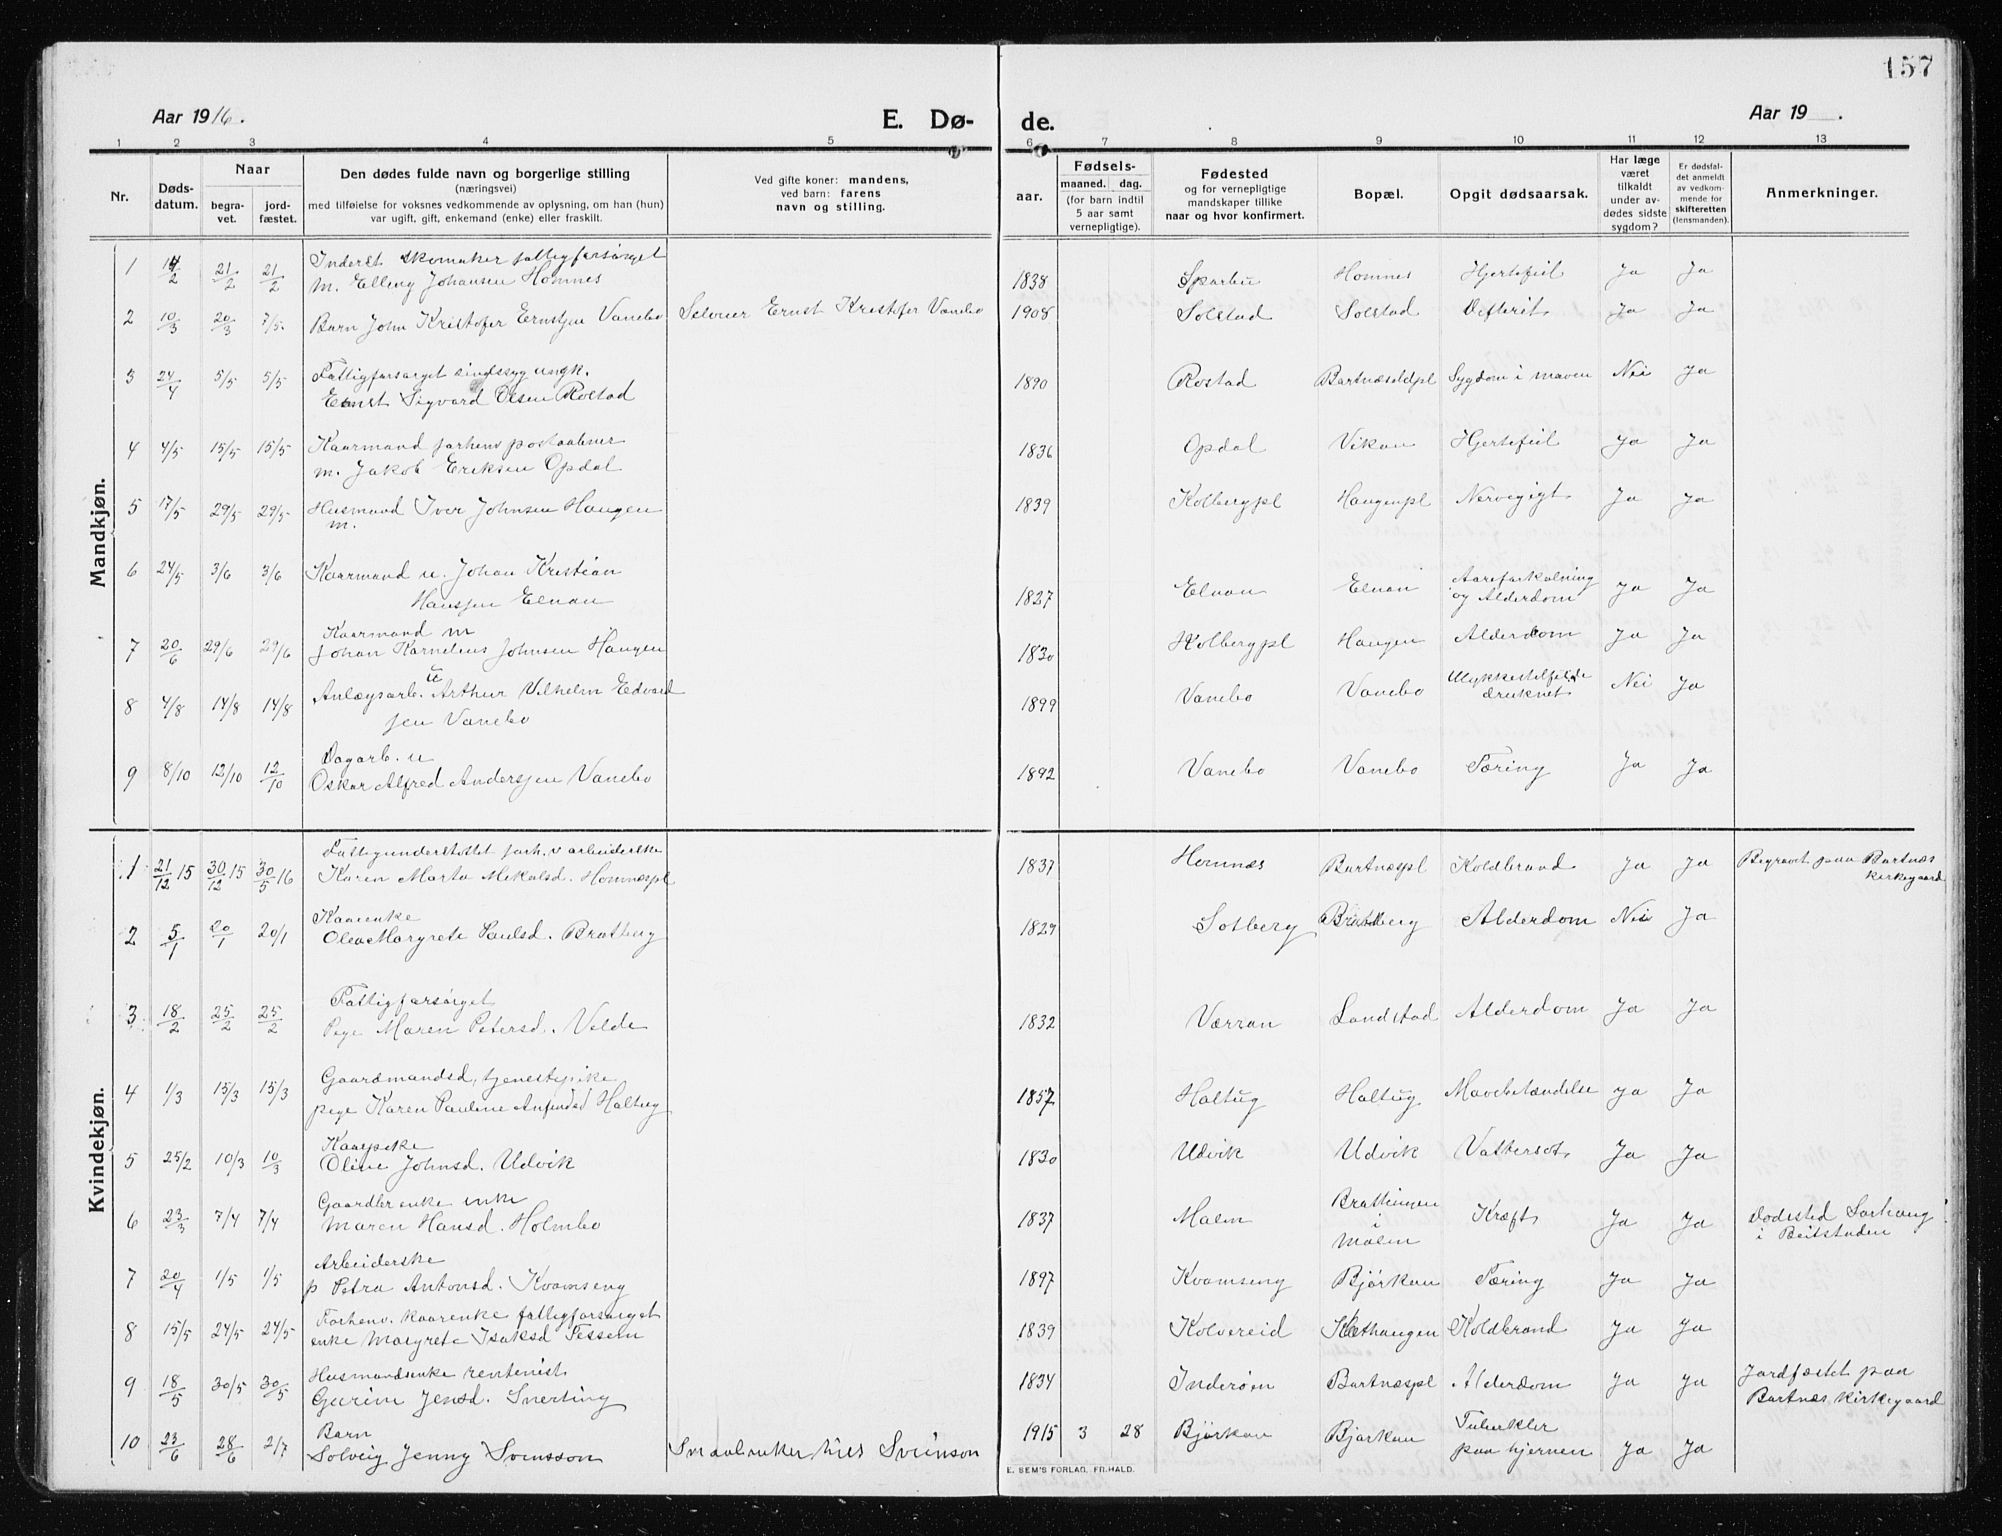 SAT, Ministerialprotokoller, klokkerbøker og fødselsregistre - Nord-Trøndelag, 741/L0402: Klokkerbok nr. 741C03, 1911-1926, s. 157